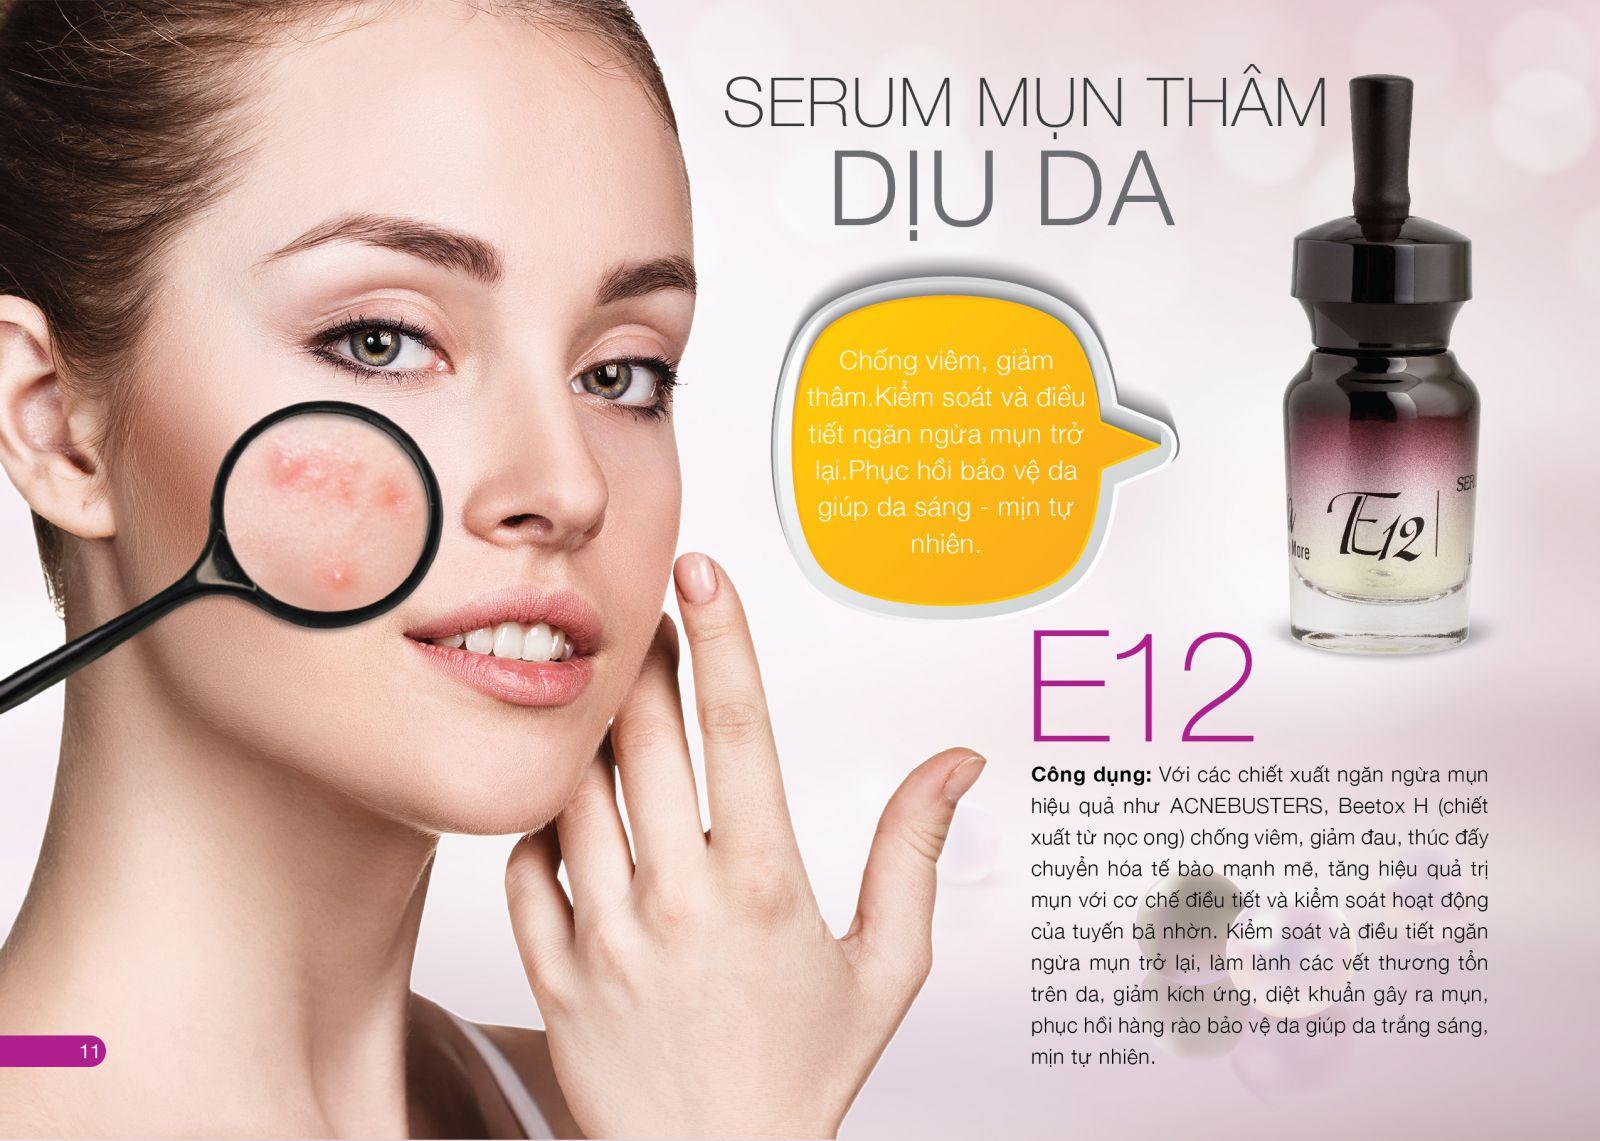 Serum mụn - Thâm - Dịu da E12 Tại Đà Nẵng 0901 99 40 88